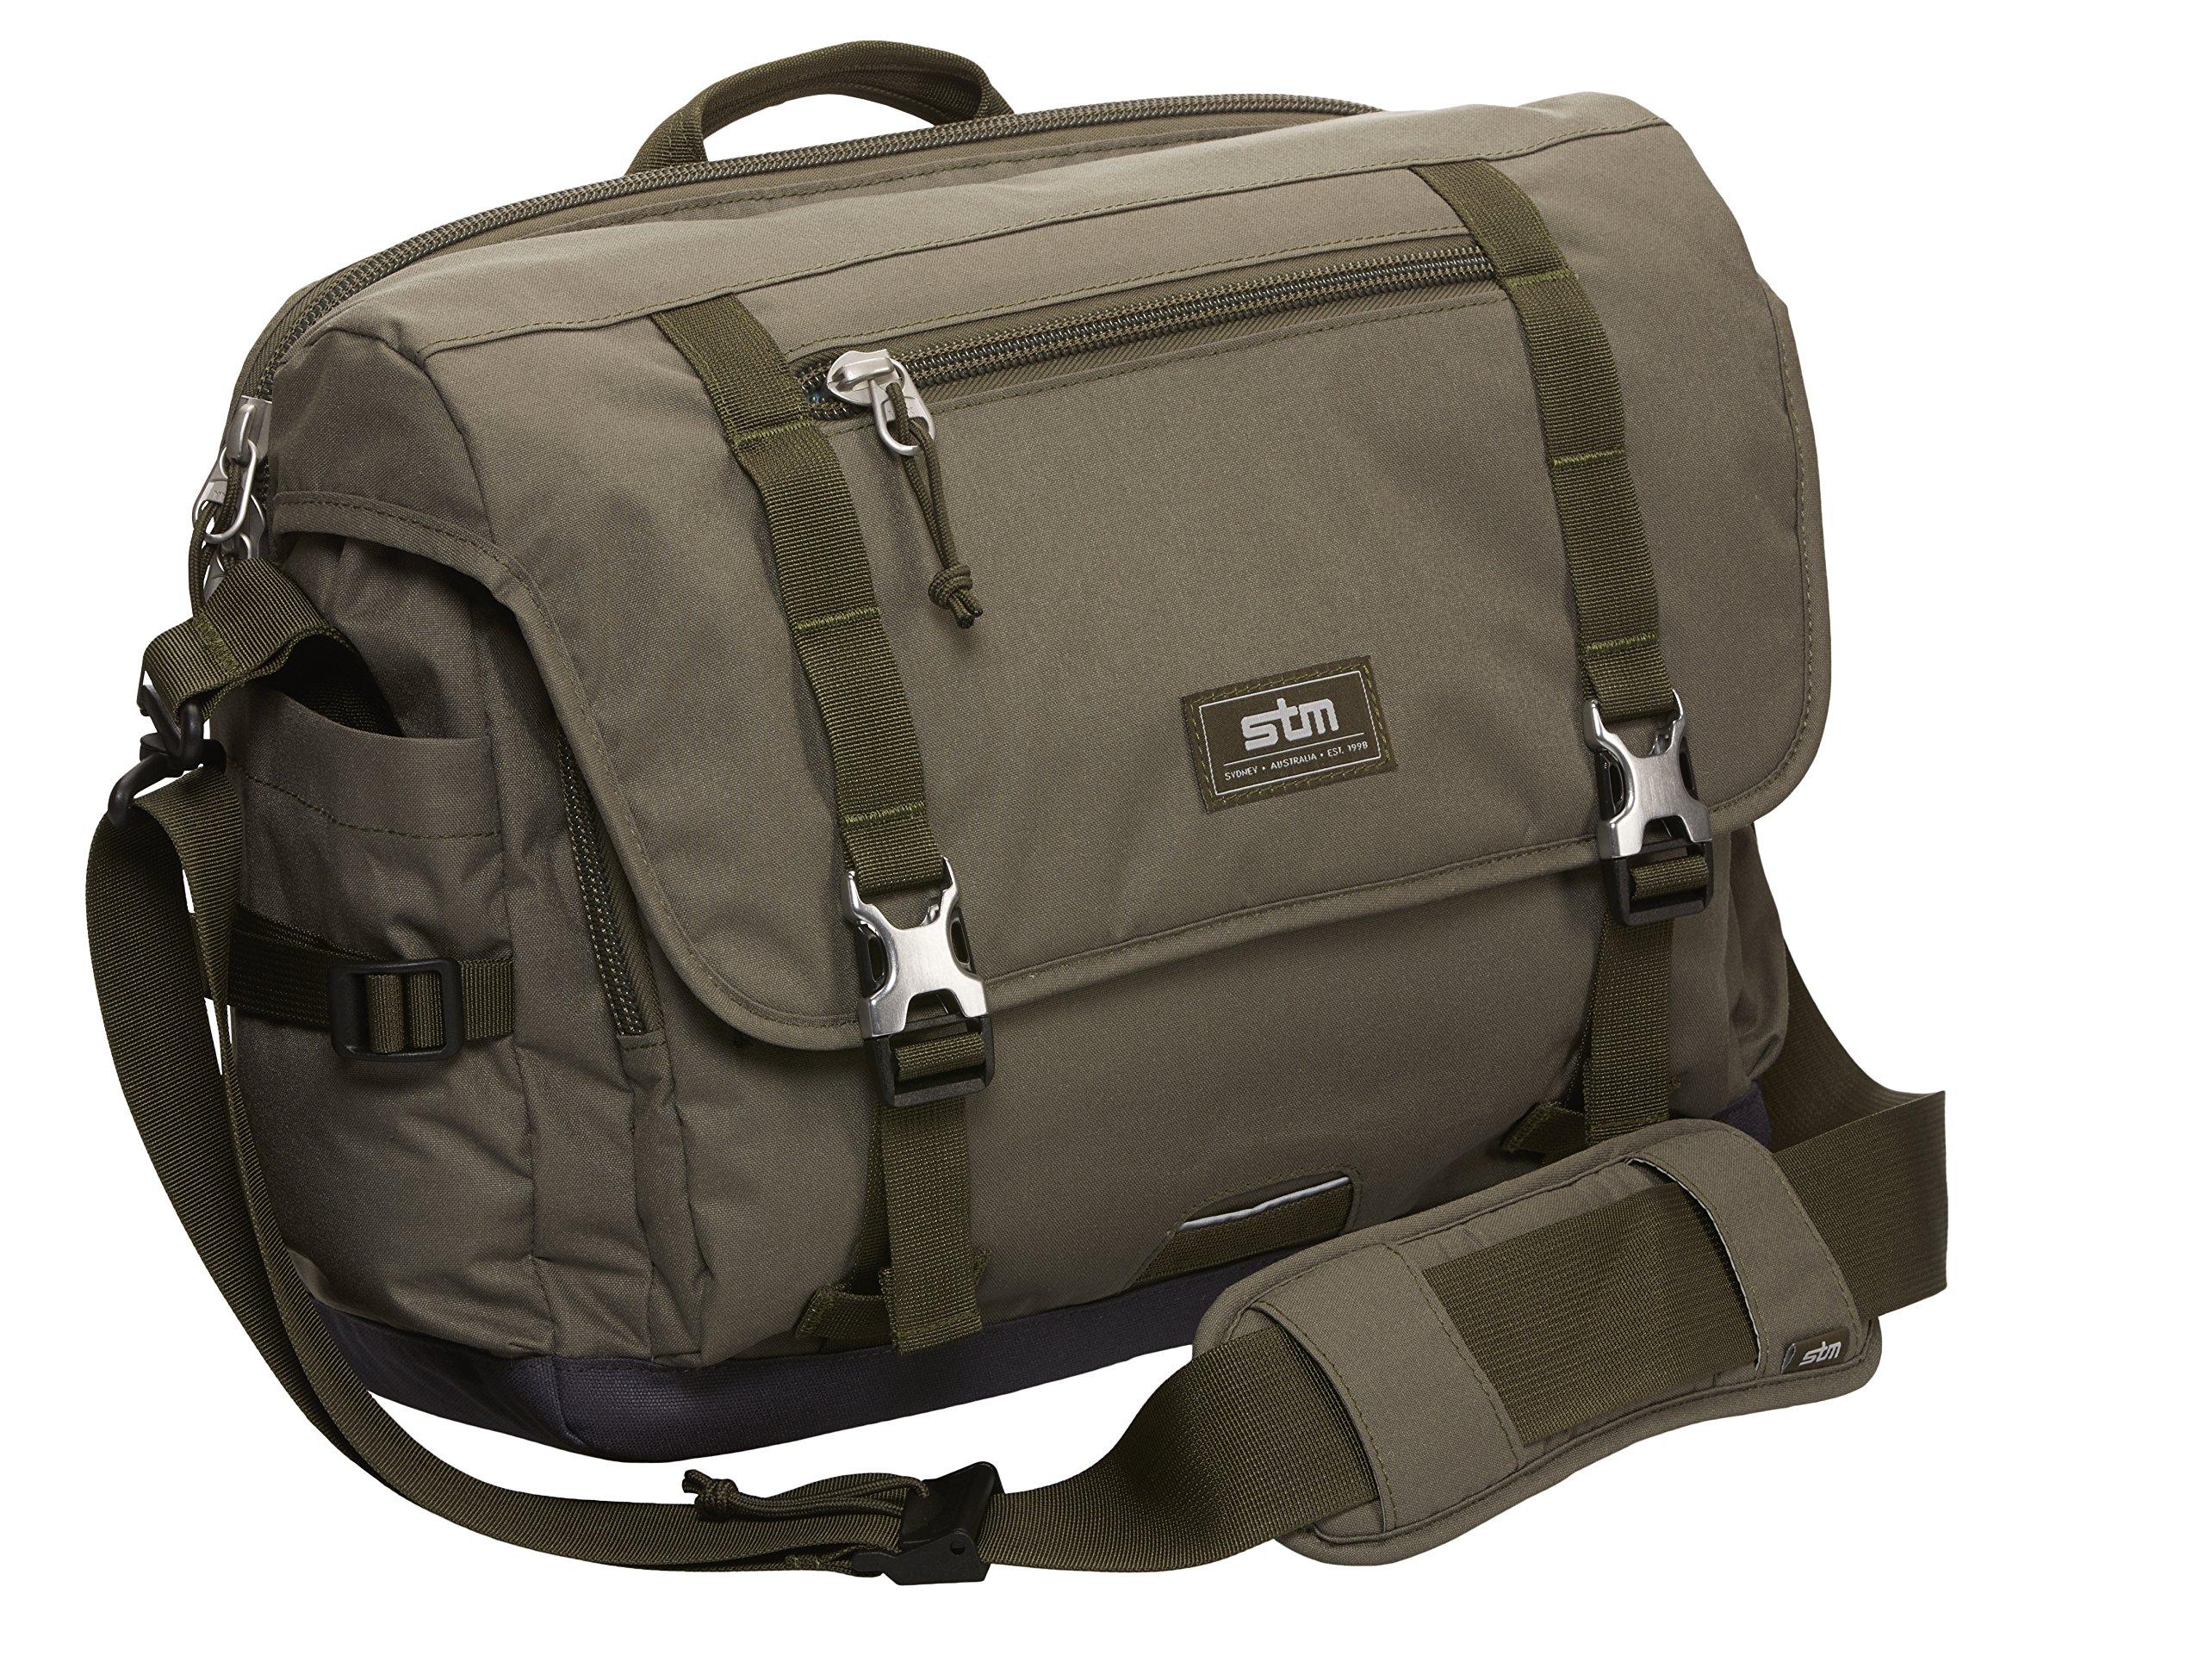 STM Trust, Laptop Shoulder Bag for 13-Inch Laptop - Olive (stm-112-034M-15)